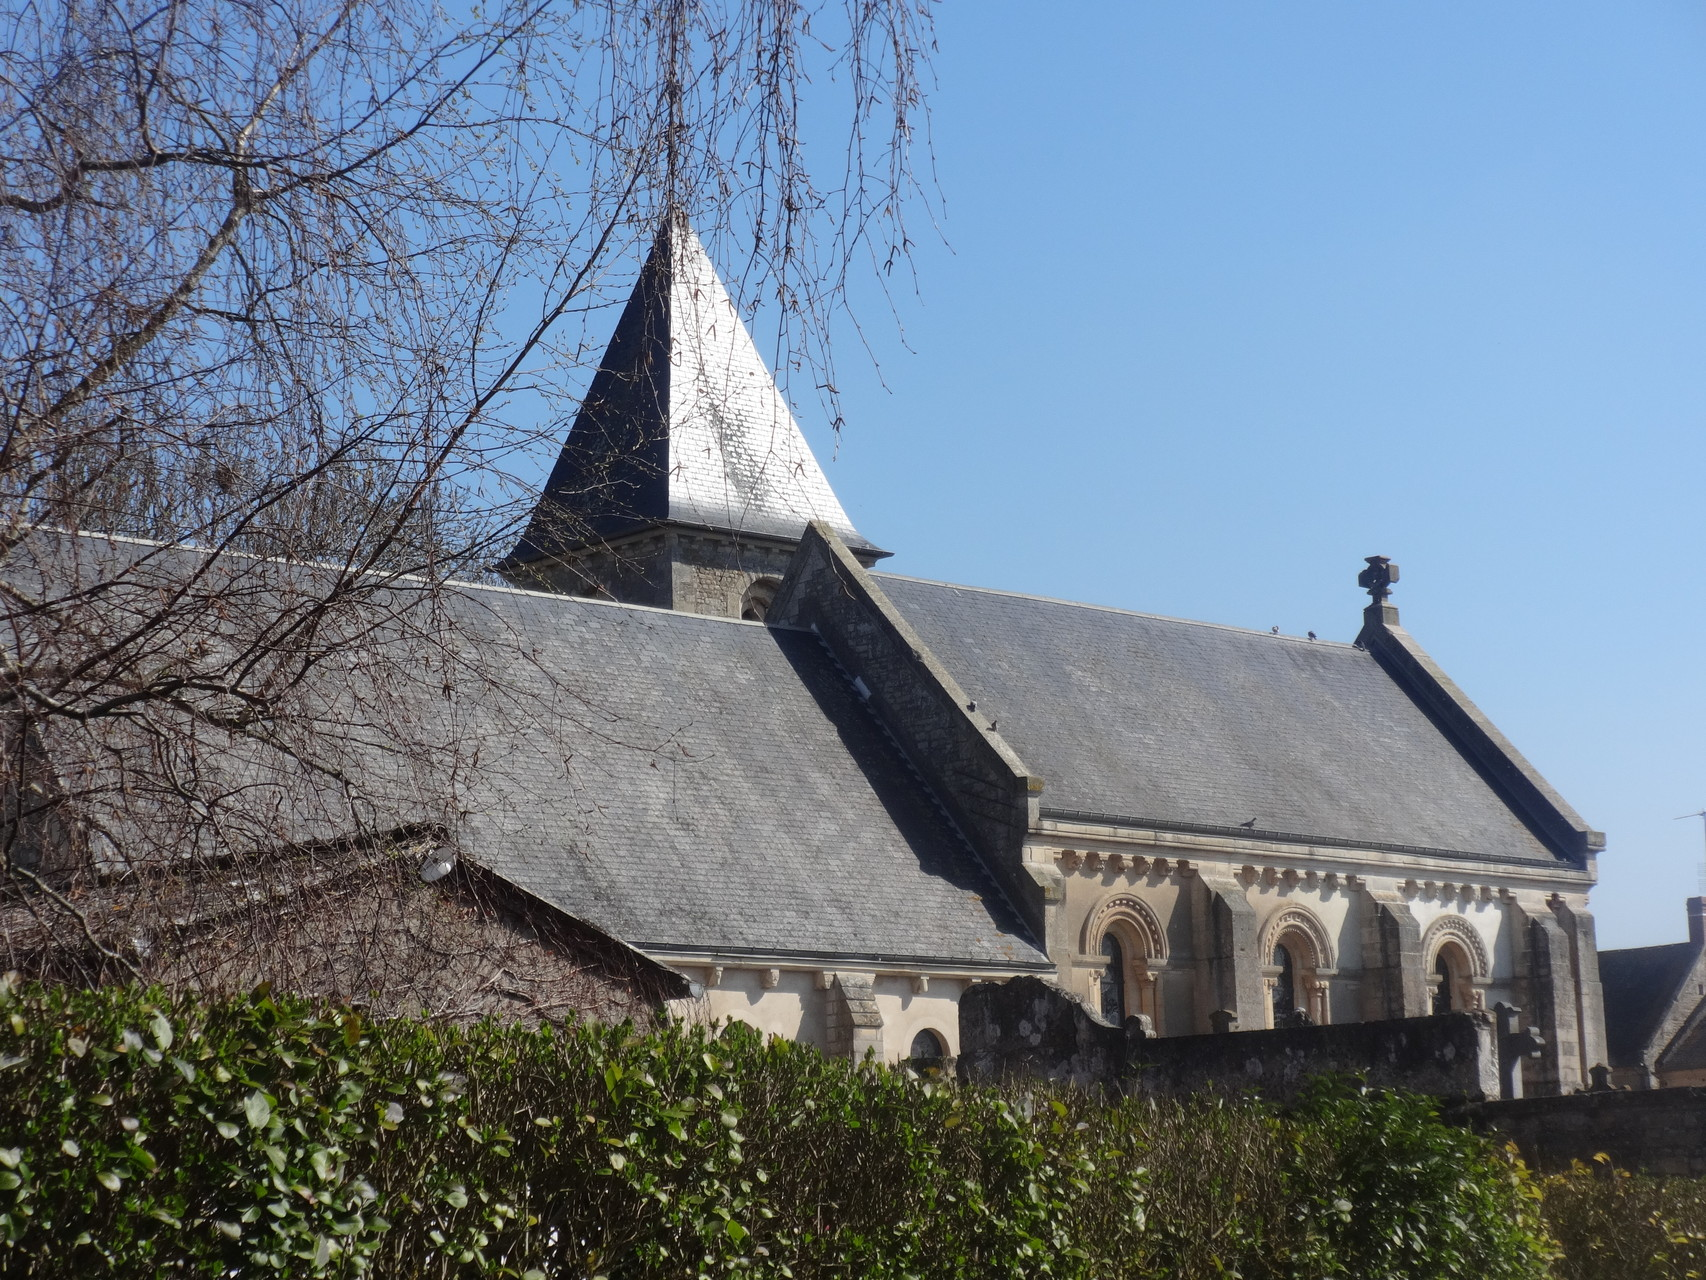 Arrivée à Vieux - vue sur l'église